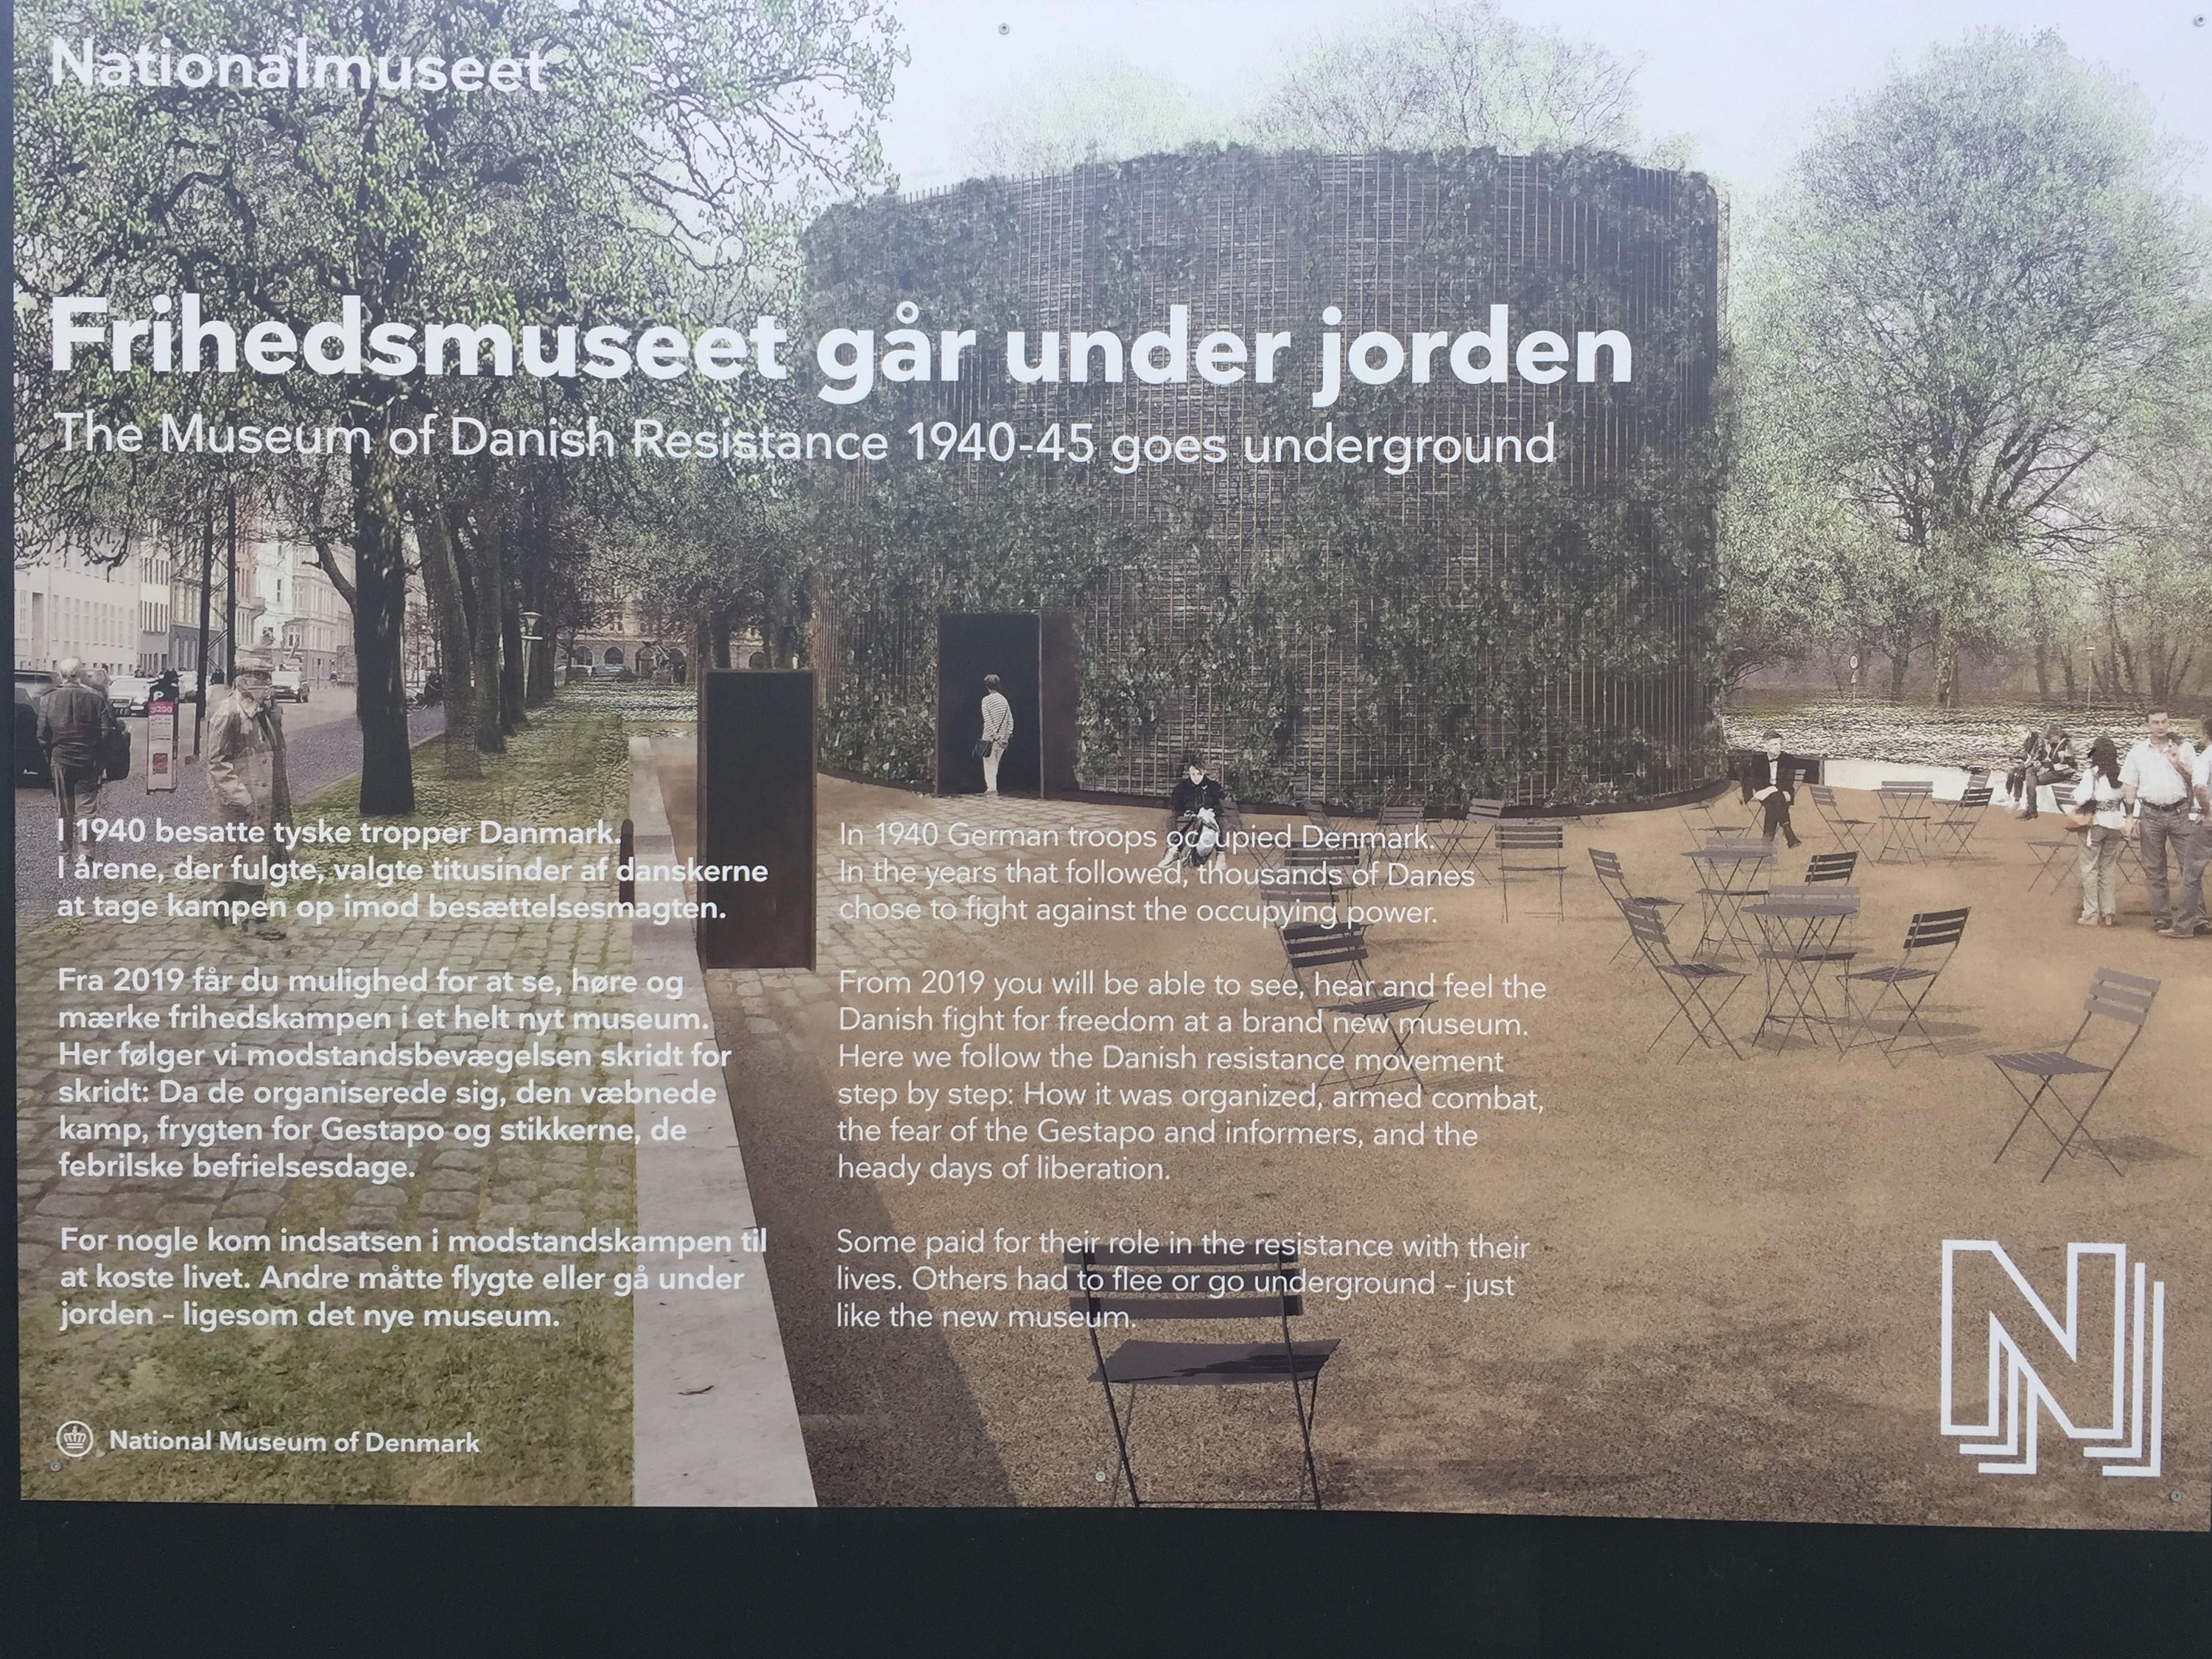 kampen kerner natural history museum kbh